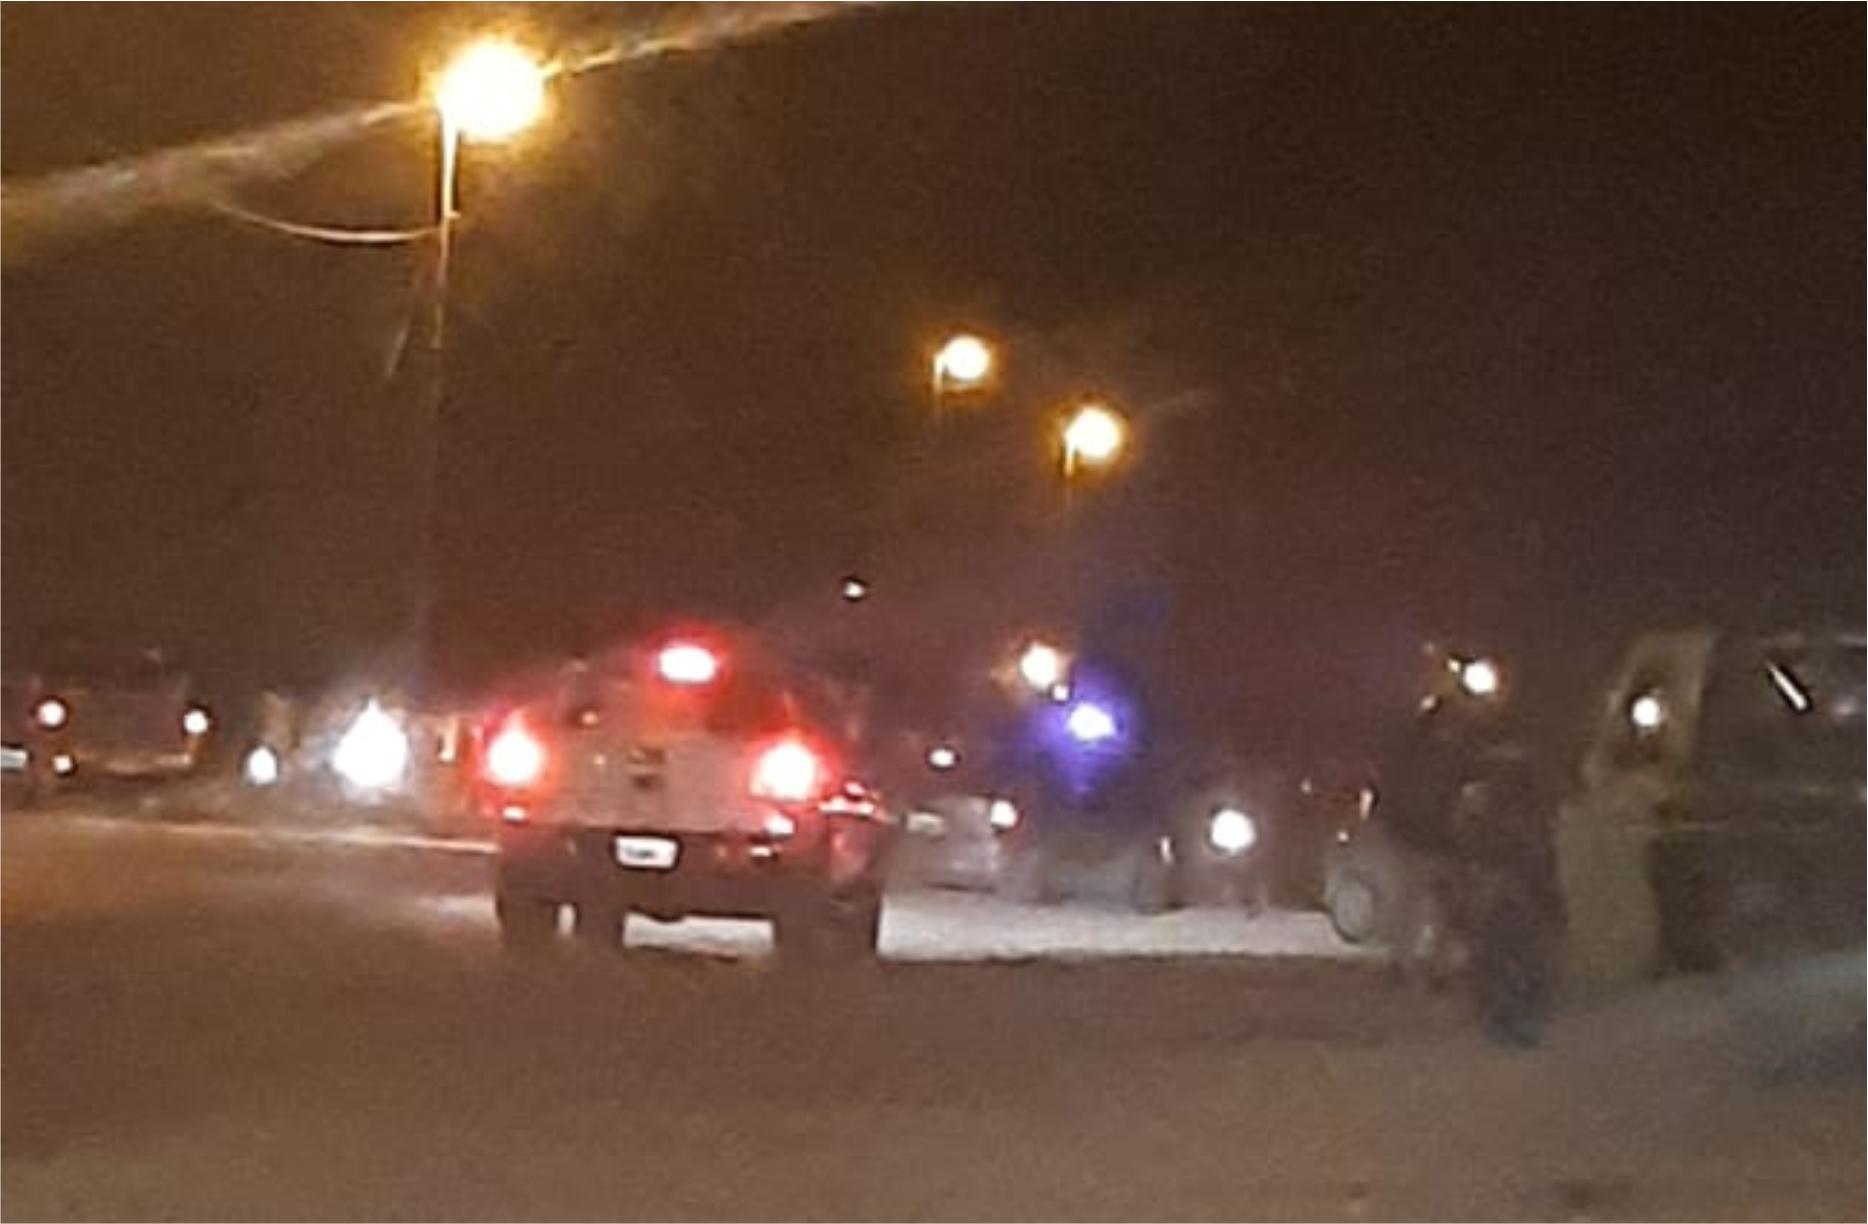 Choque de motos: dos jóvenes muertos, uno herido y policías lesionados en incidente posterior